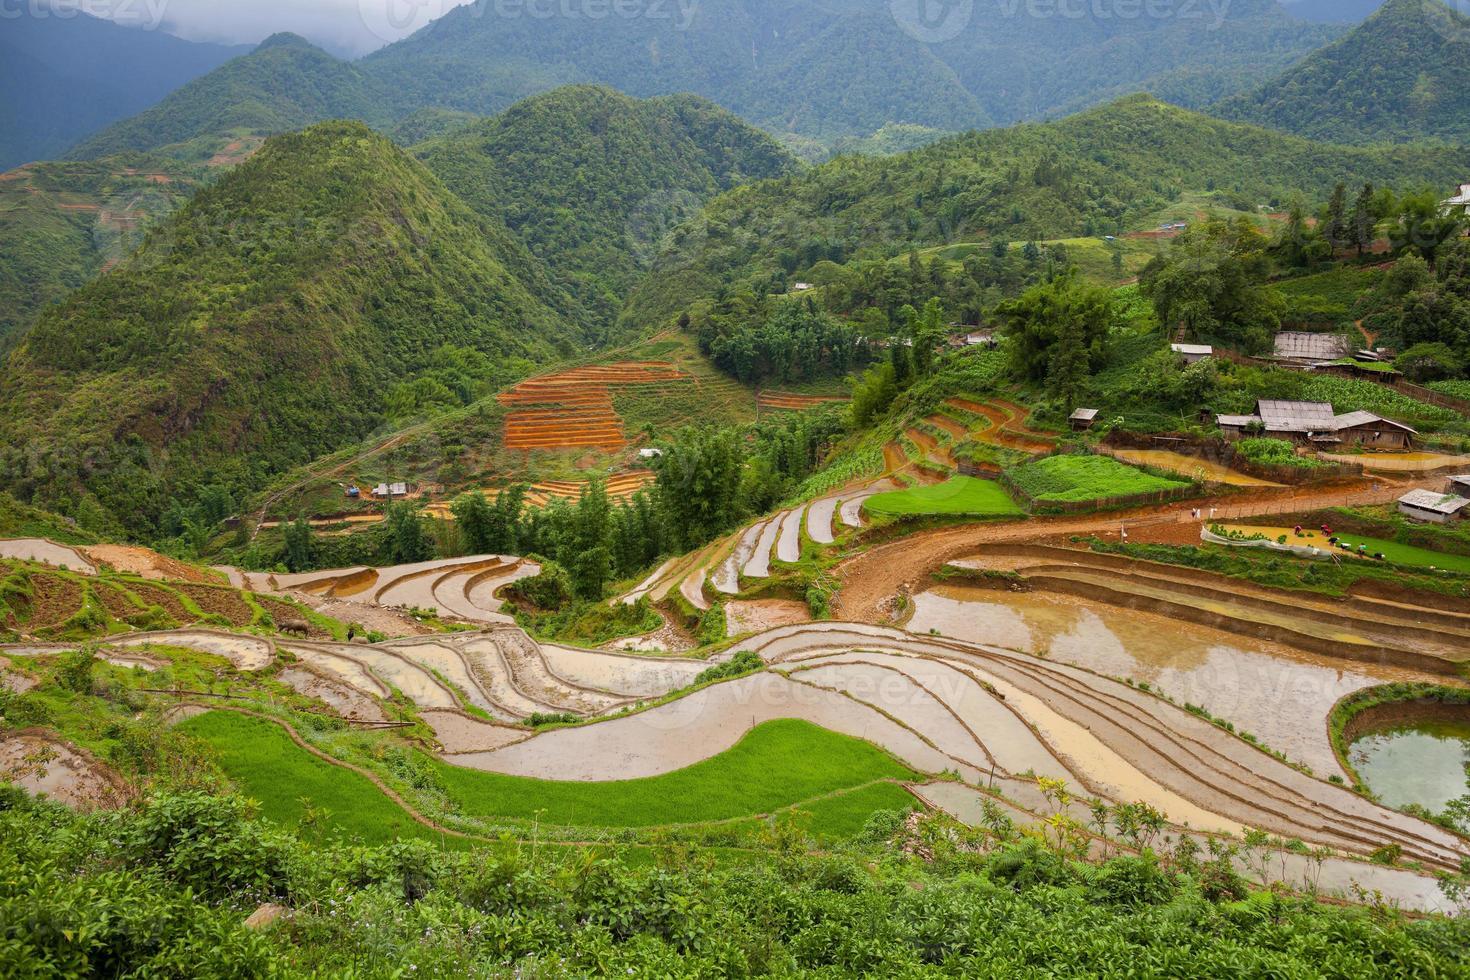 rizières sur les montagnes photo